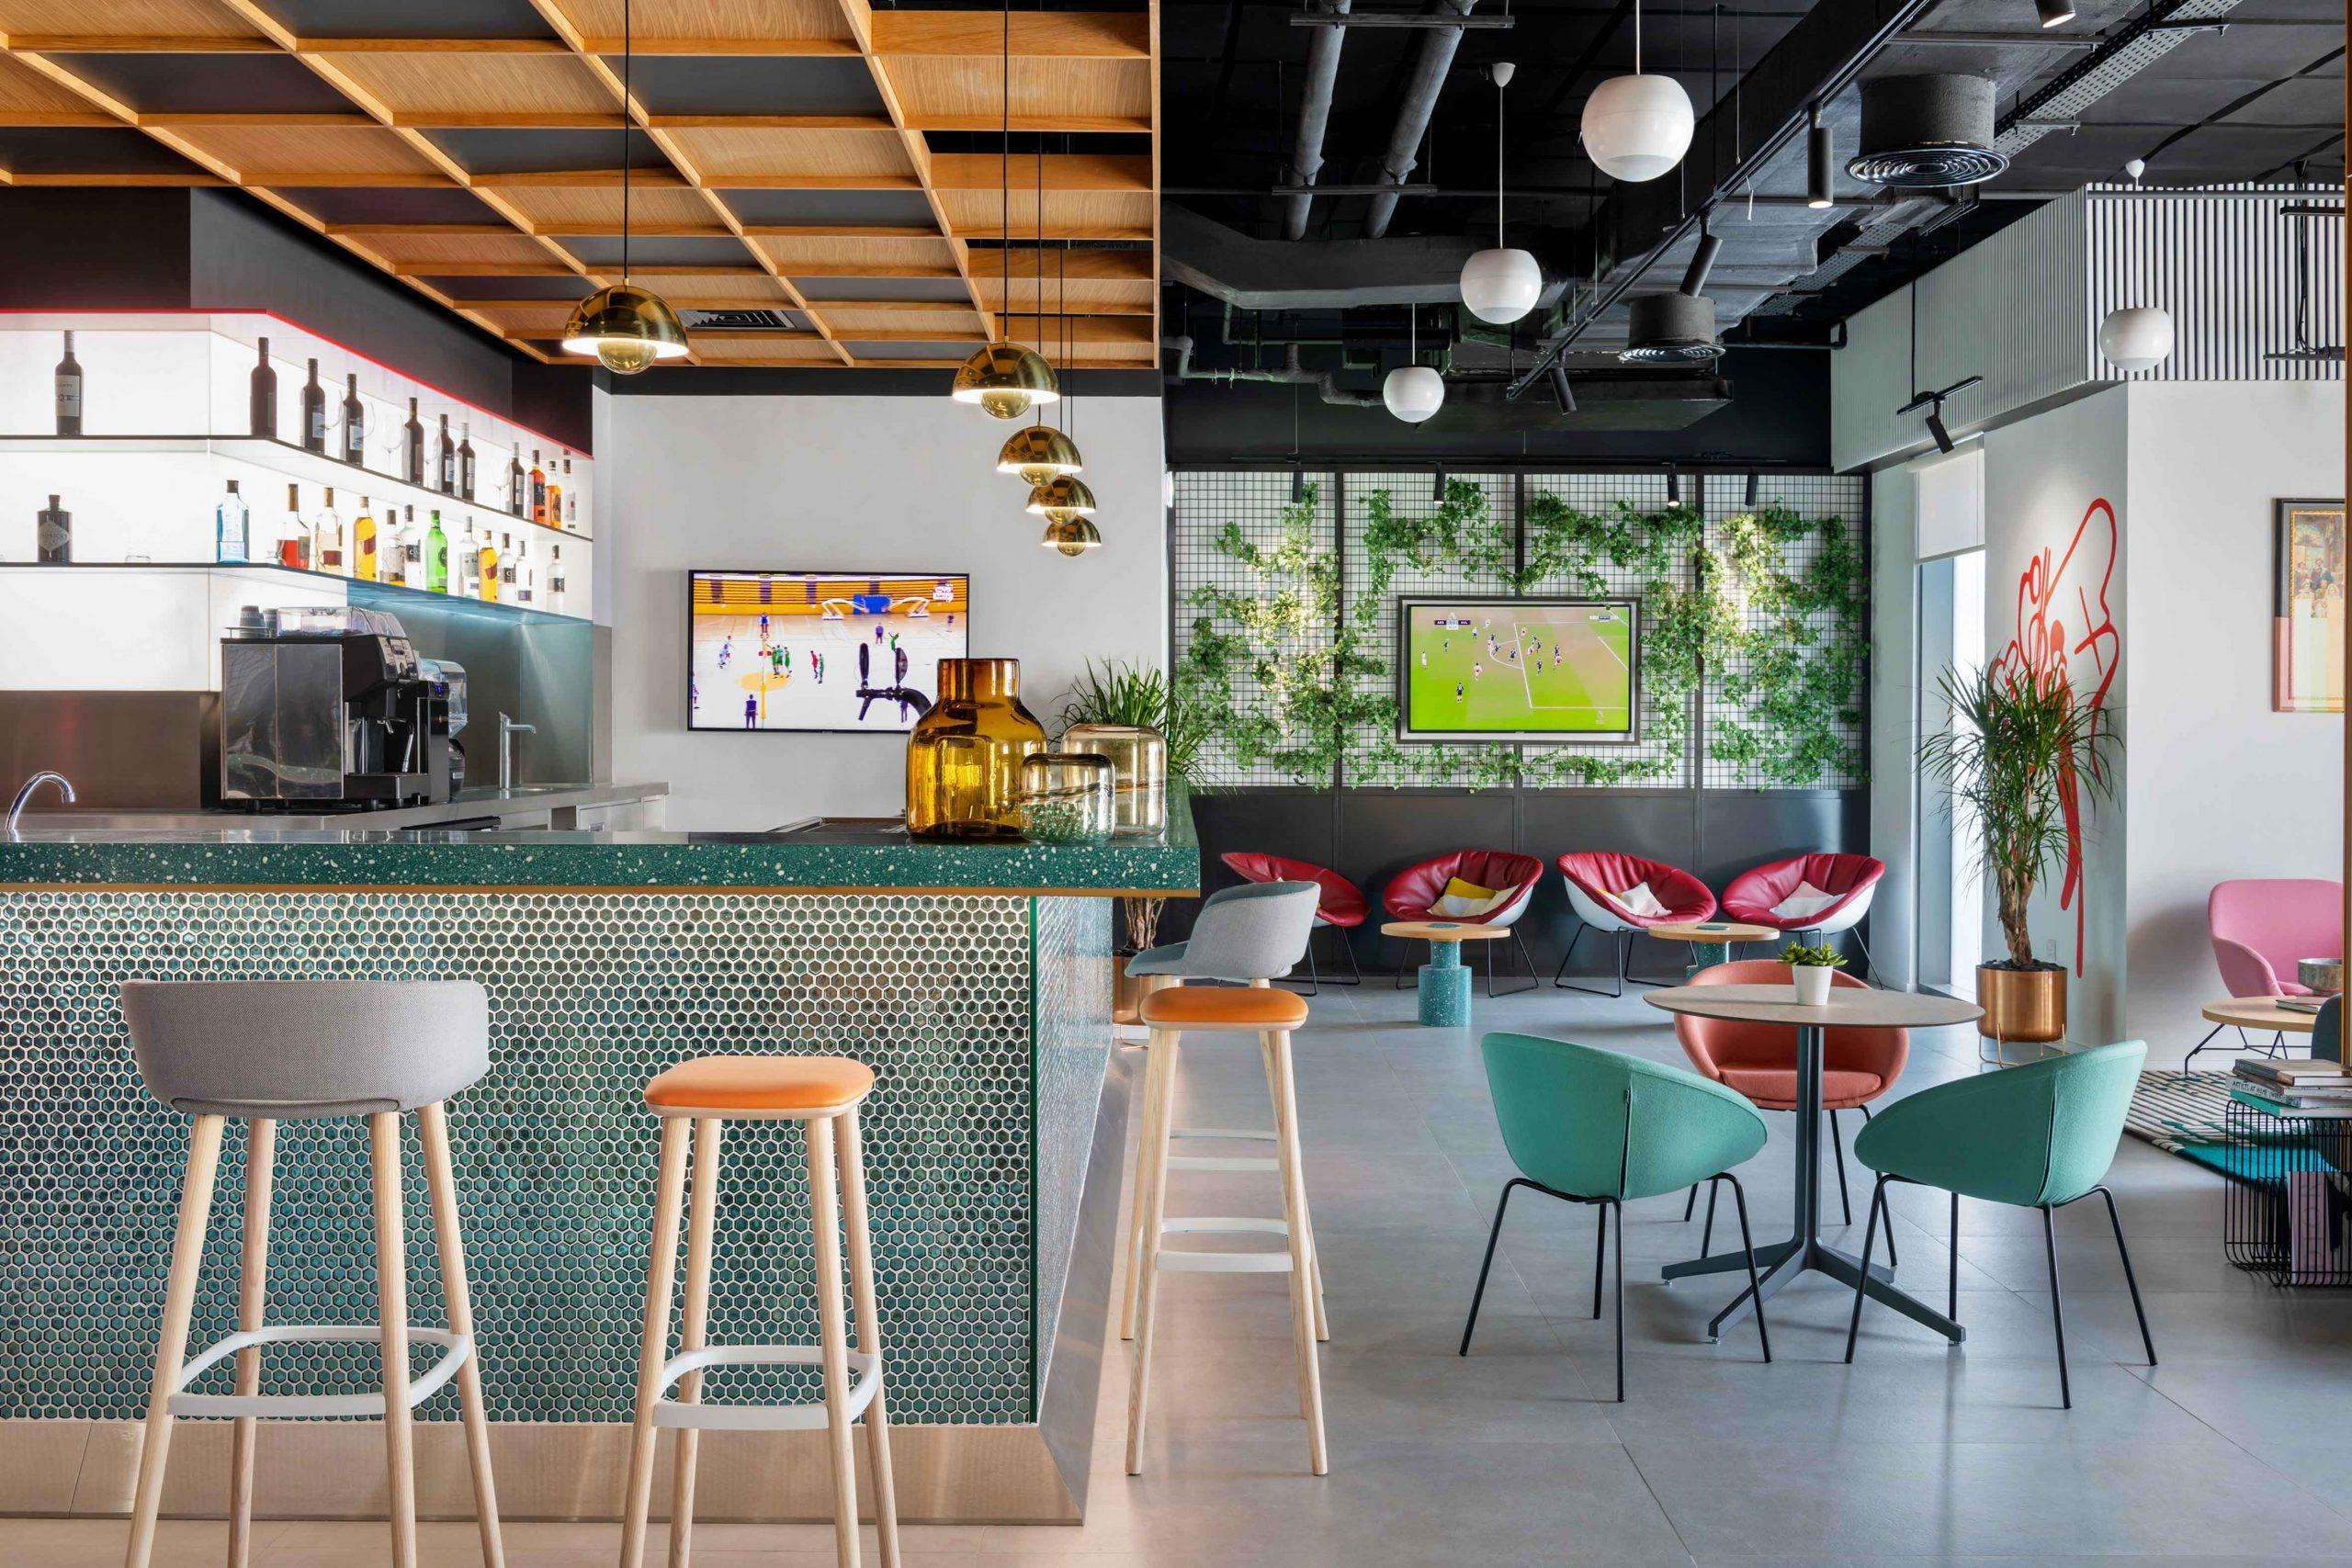 Rove Bar - Interior Design Company in Dubai